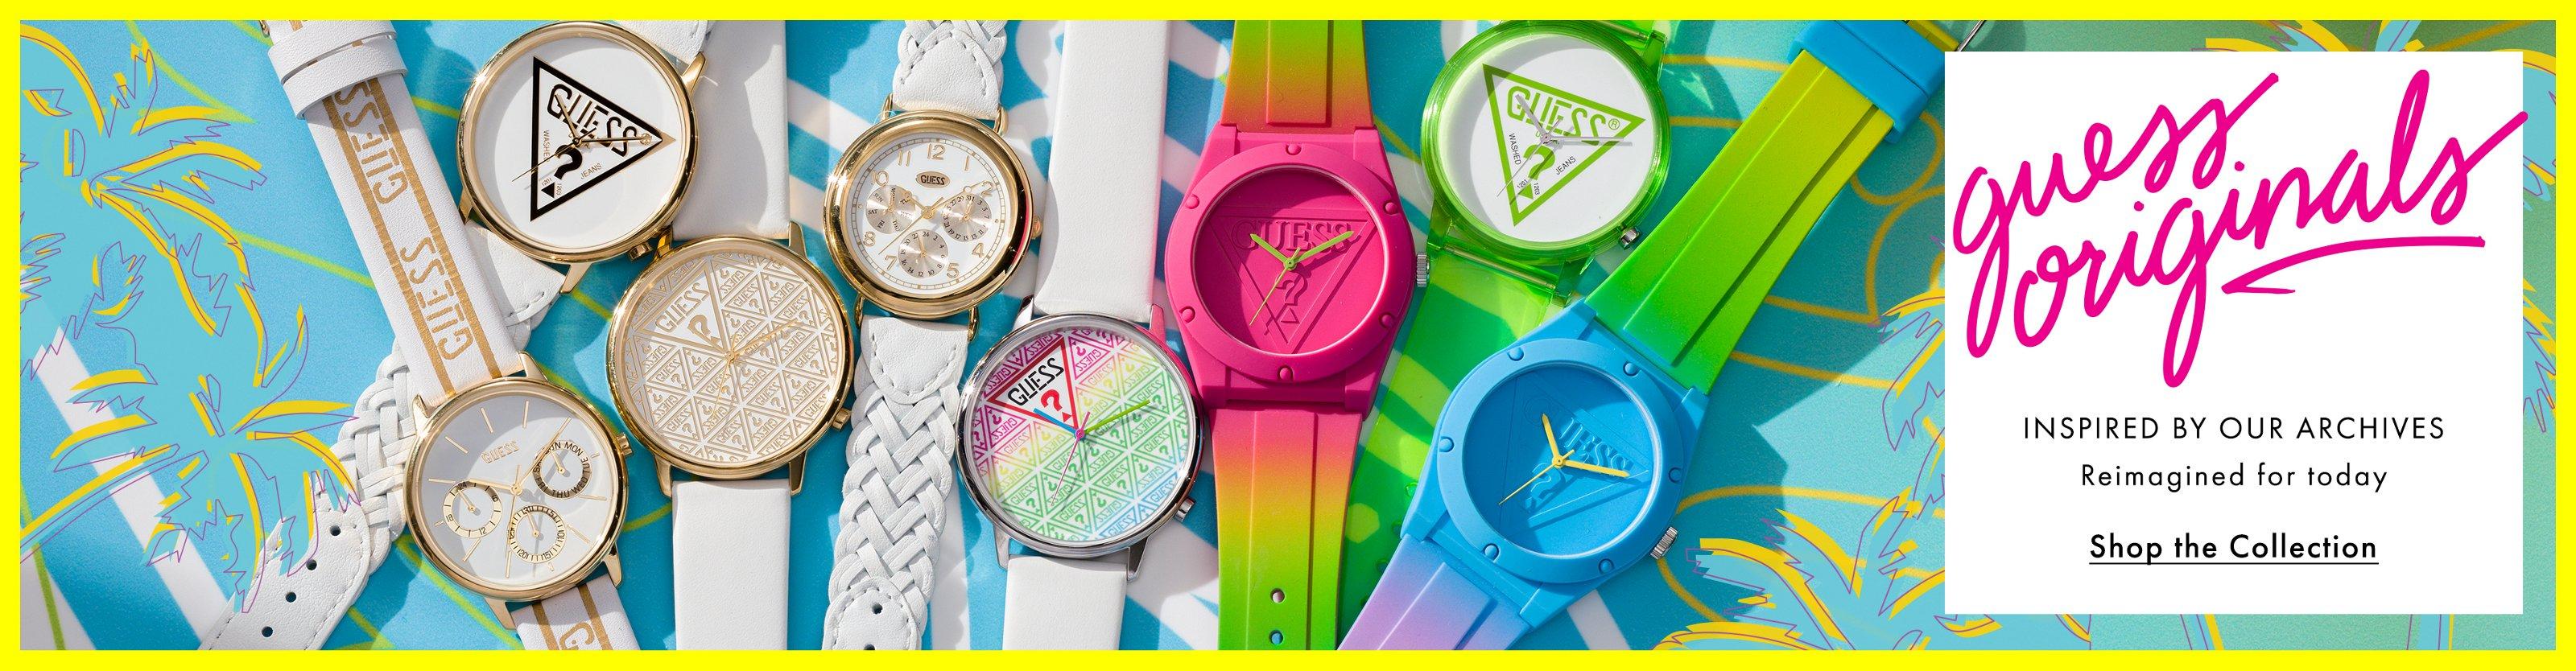 Shop GUESS Originals Watches